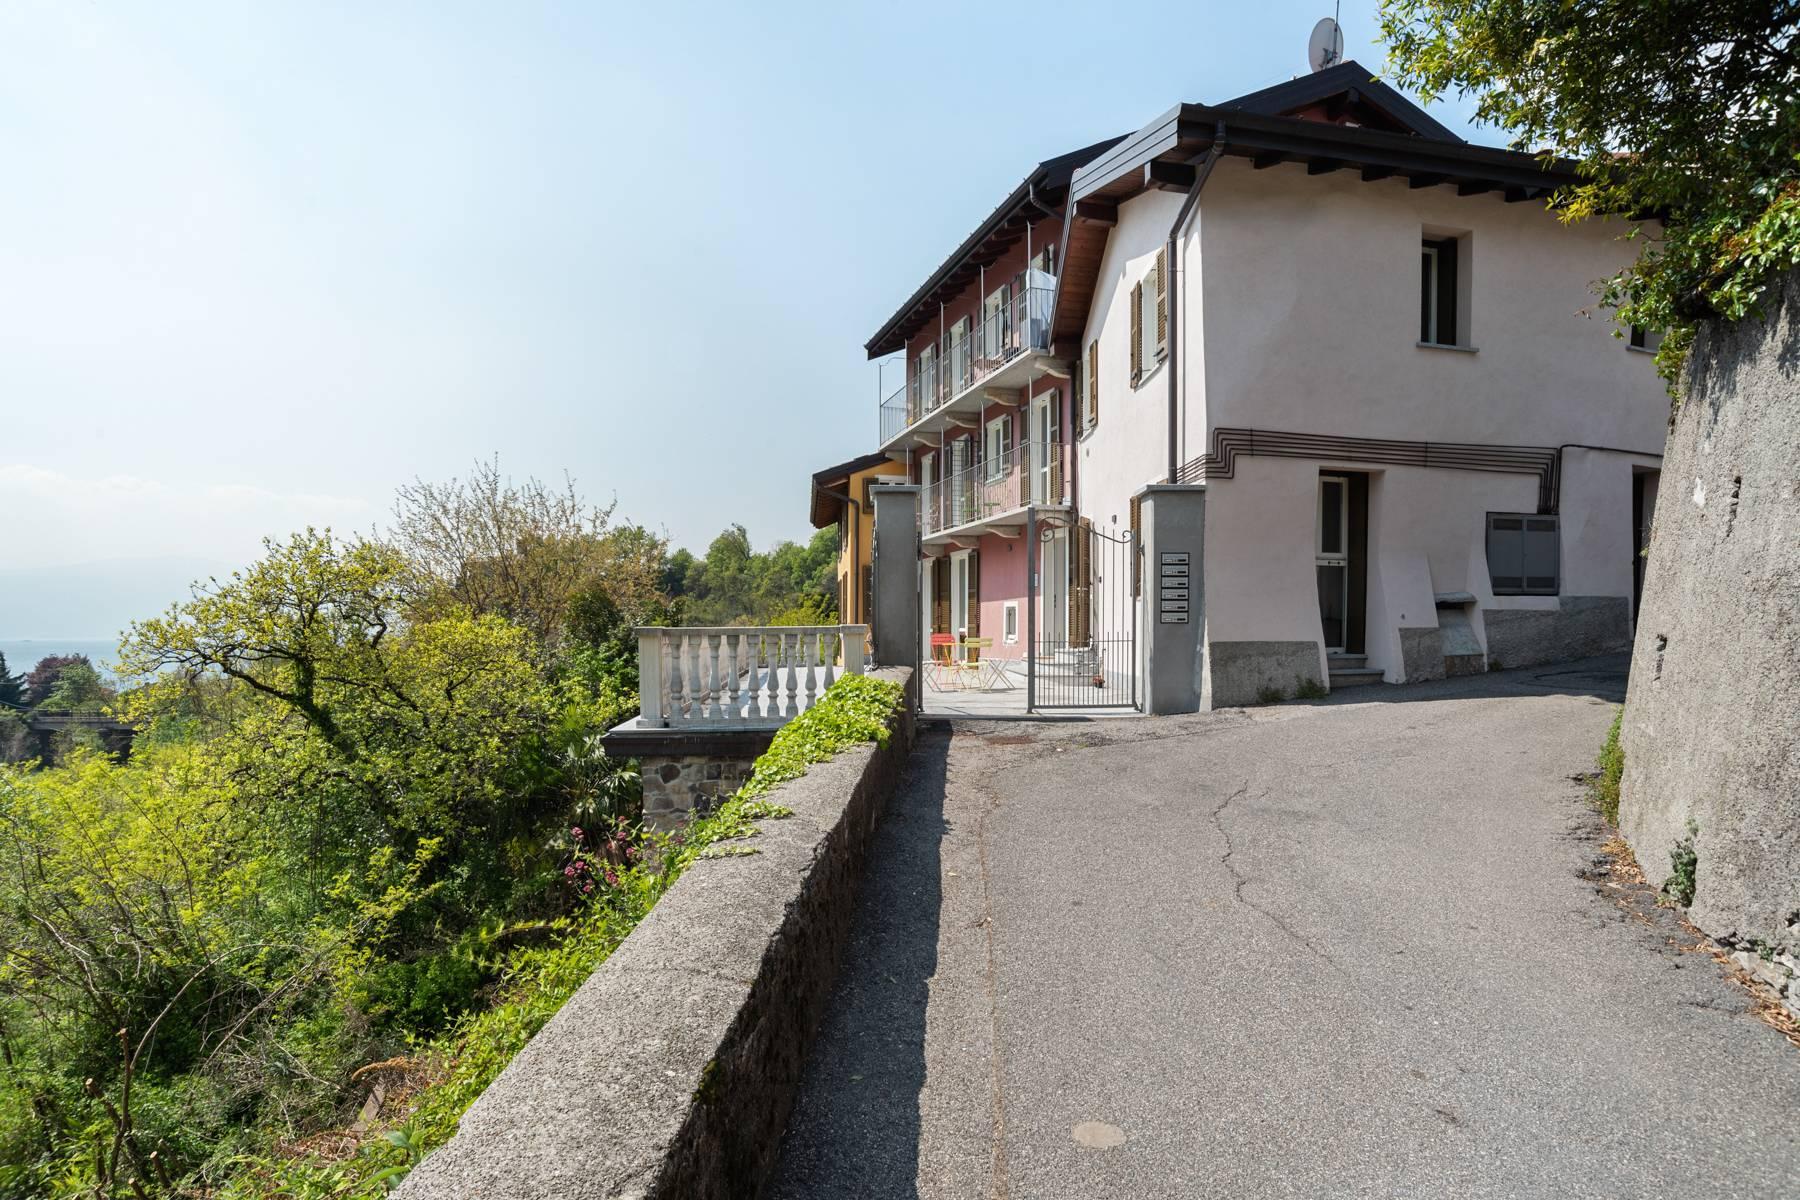 Appartamento in Vendita a Castelveccana: 3 locali, 82 mq - Foto 9